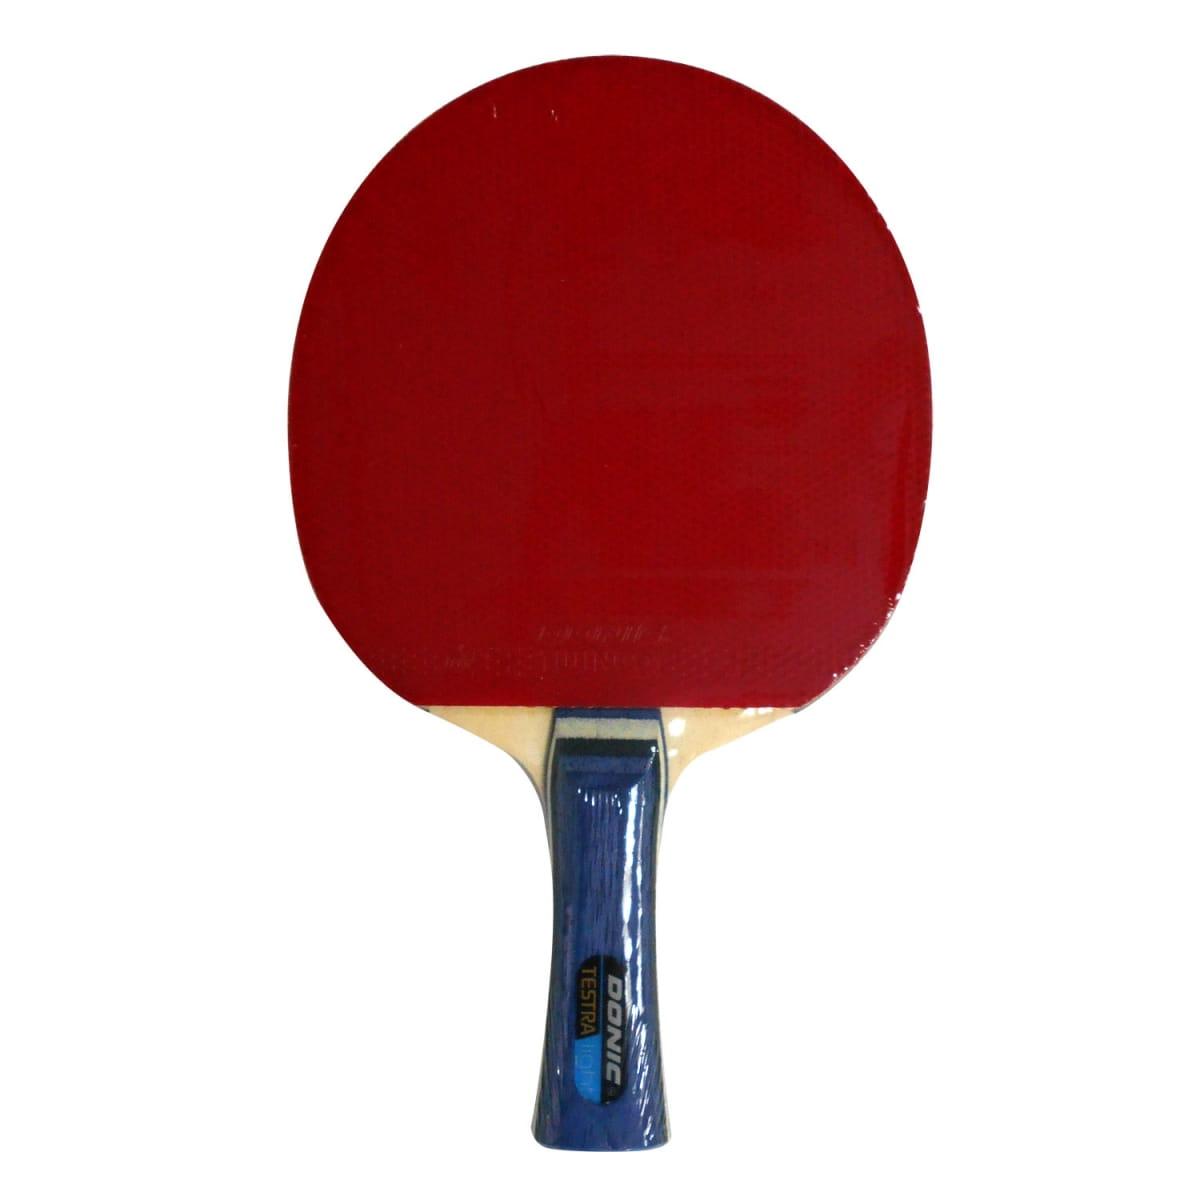 Ракетка для настольного тенниса Donic 200205 Testra Pro